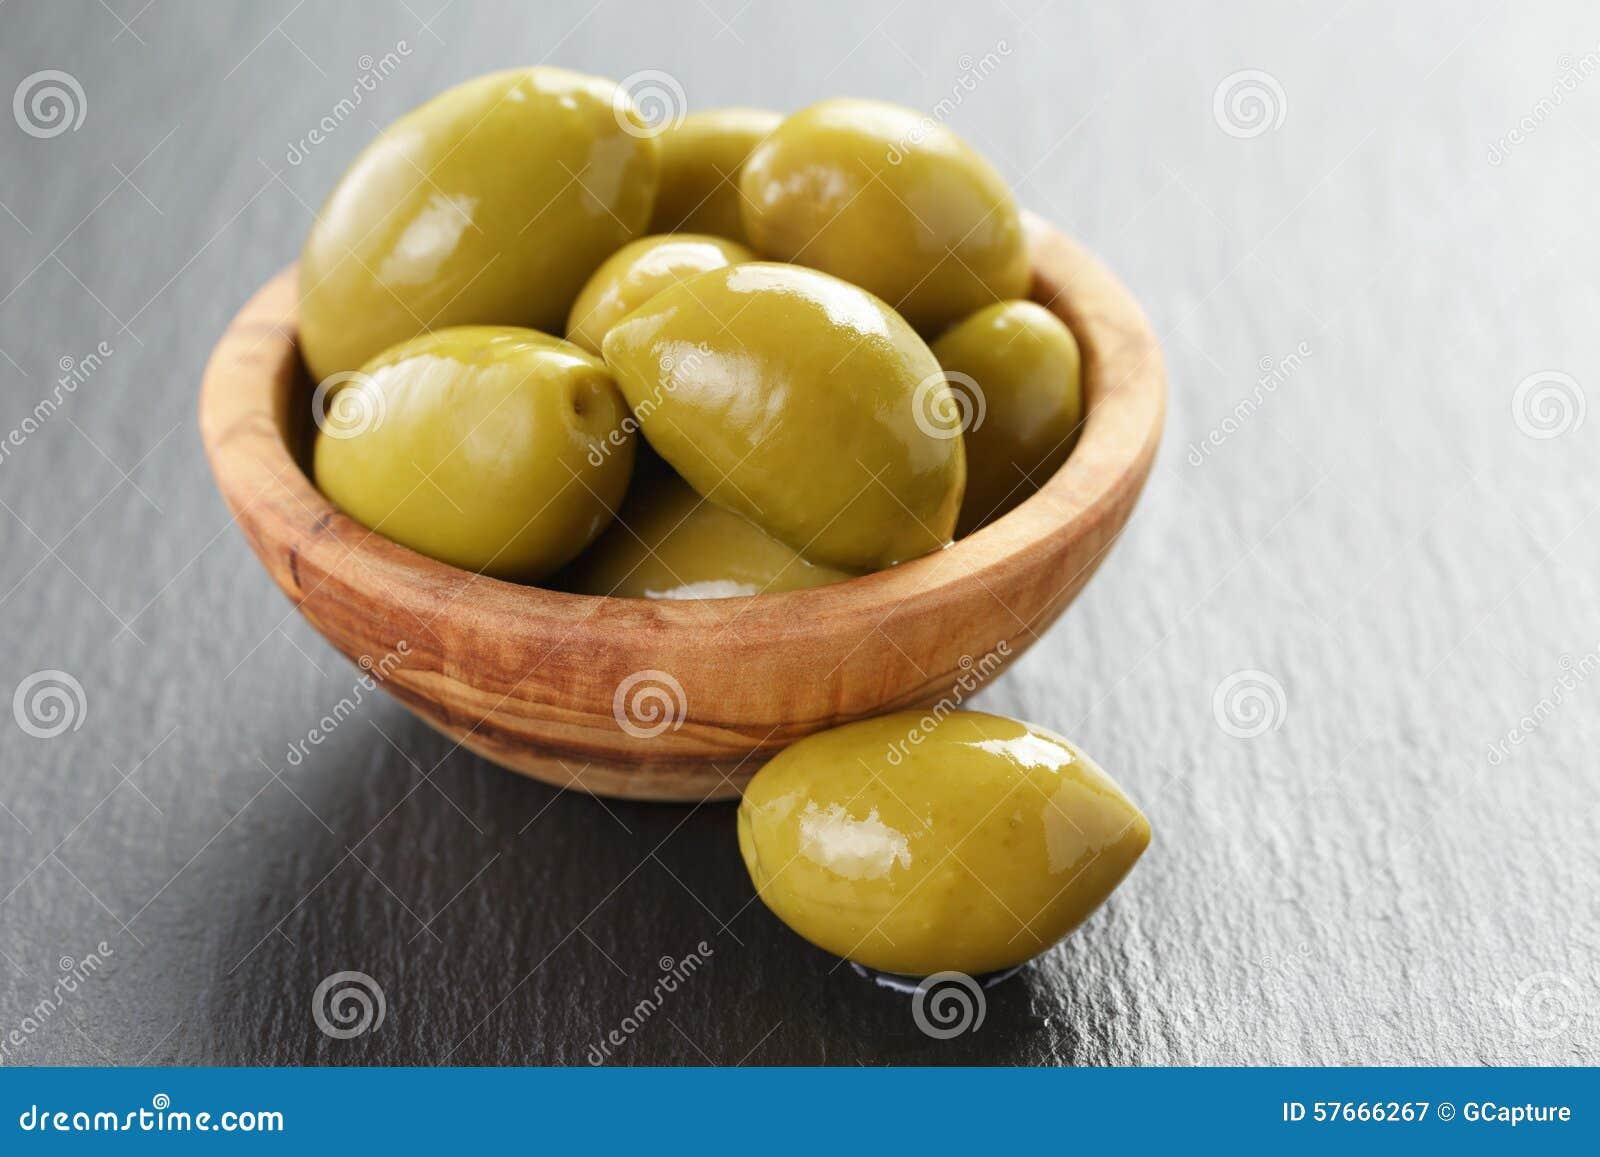 Kiszone gigantyczne zielone oliwki w oliwnym pucharze na łupku